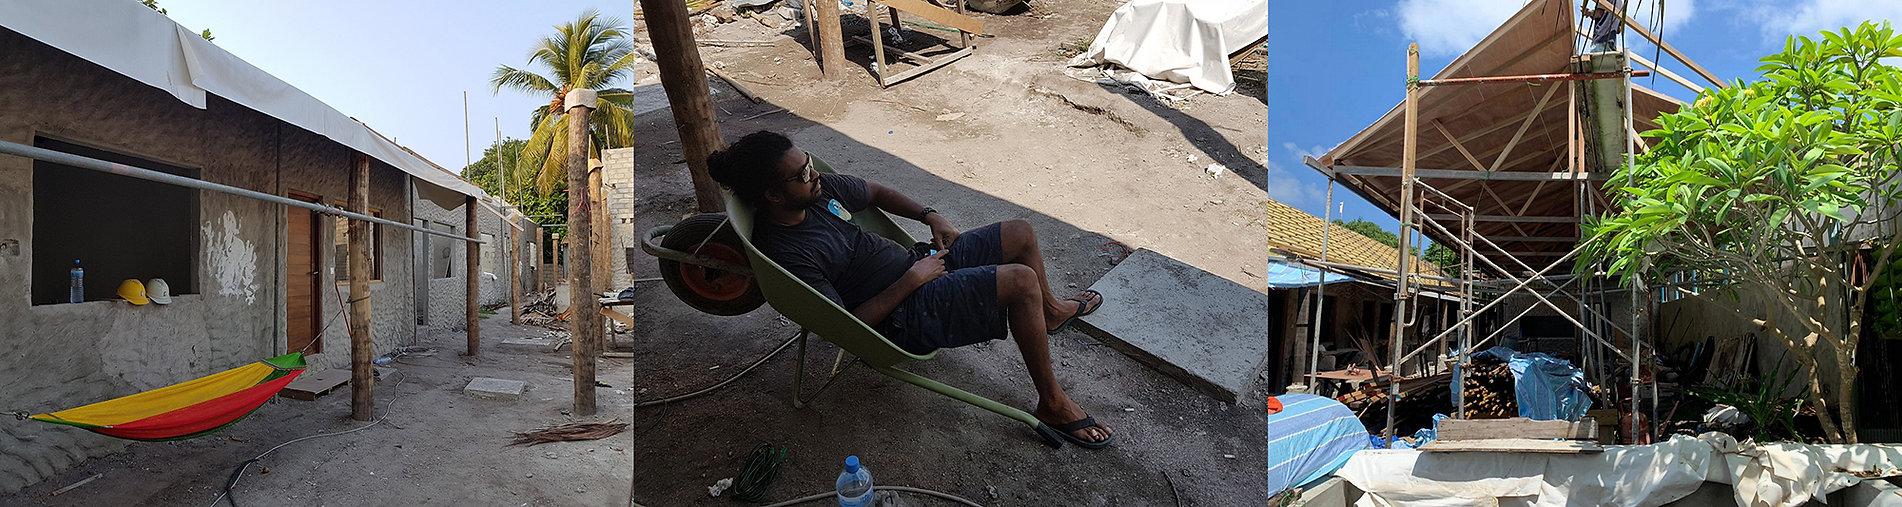 Araamu Kotari, Atholhu Residence, Fehendhoo, Maledivy